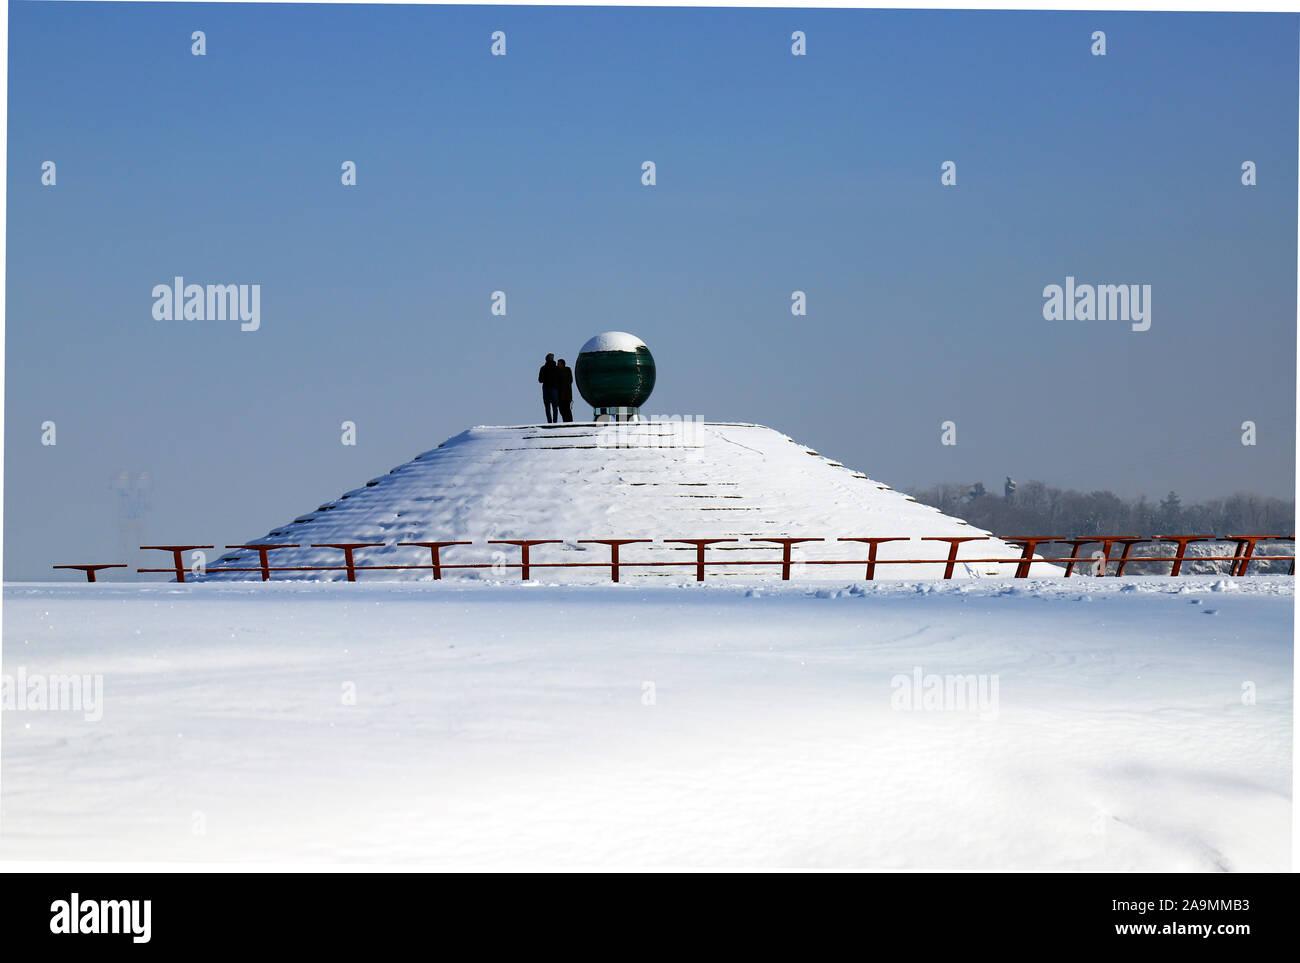 Verschneite Landschaft, Straßen und einer Pyramide im Schnee bedeckt. Stadtbild in der dnipro Stadt, Dnepropetrovsk, Ukraine, Dezember, Januar, Februar Stockfoto